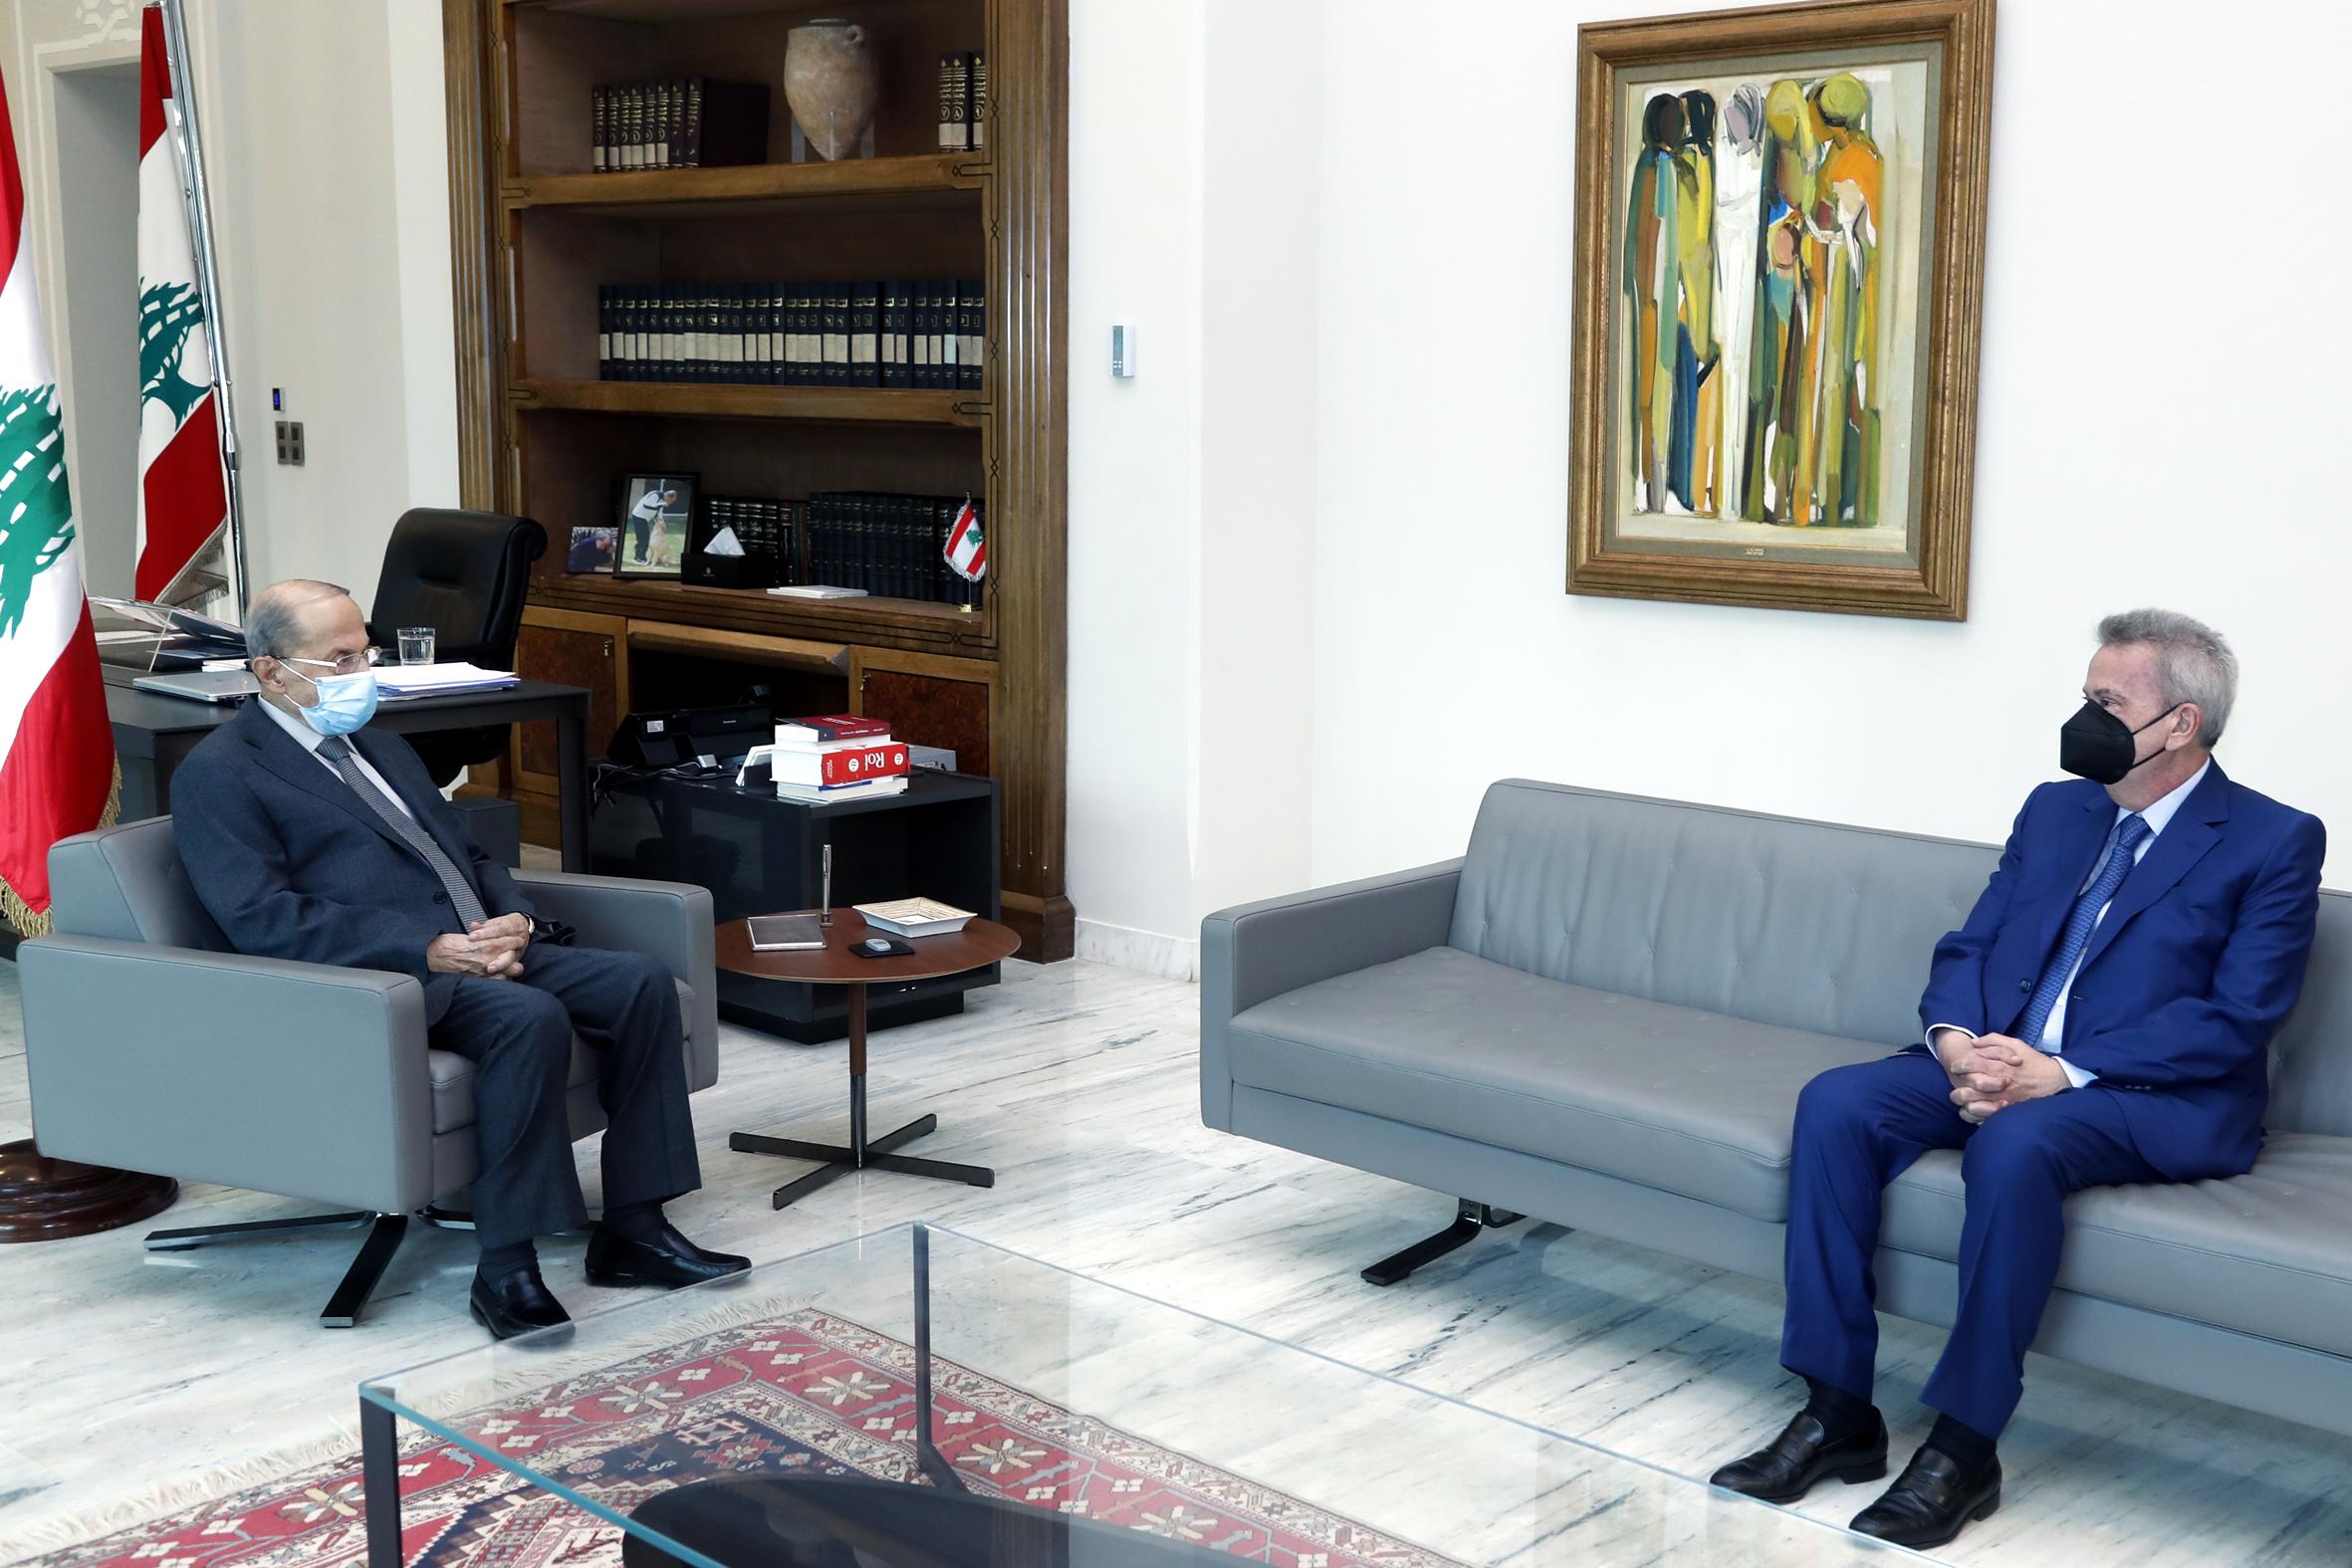 1 - Lebanon's central bank chief Riad Salameh